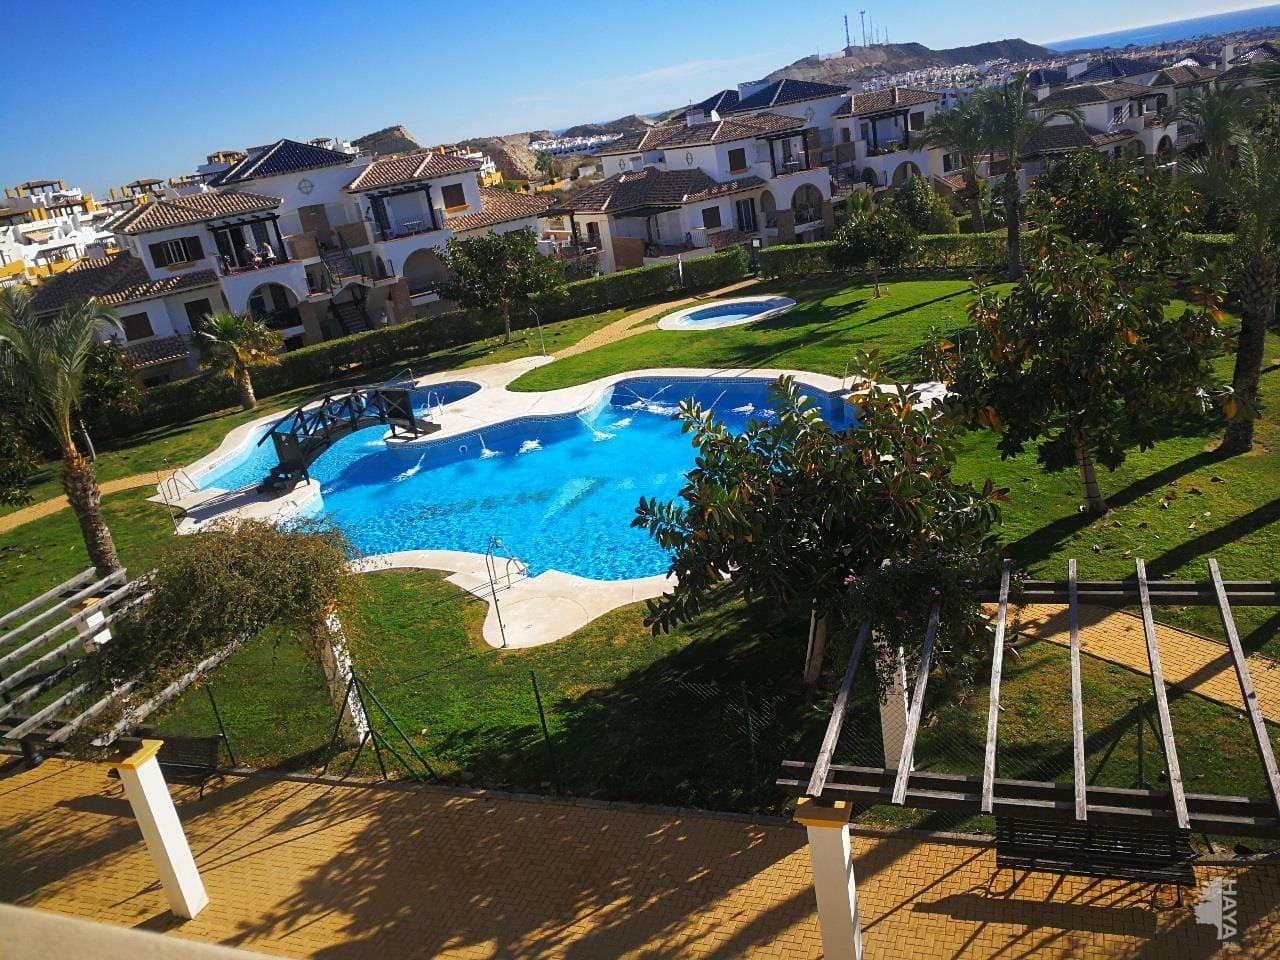 Piso en venta en Vera Playa, Vera, Almería, Calle Tomillo, 99.900 €, 2 habitaciones, 2 baños, 67 m2